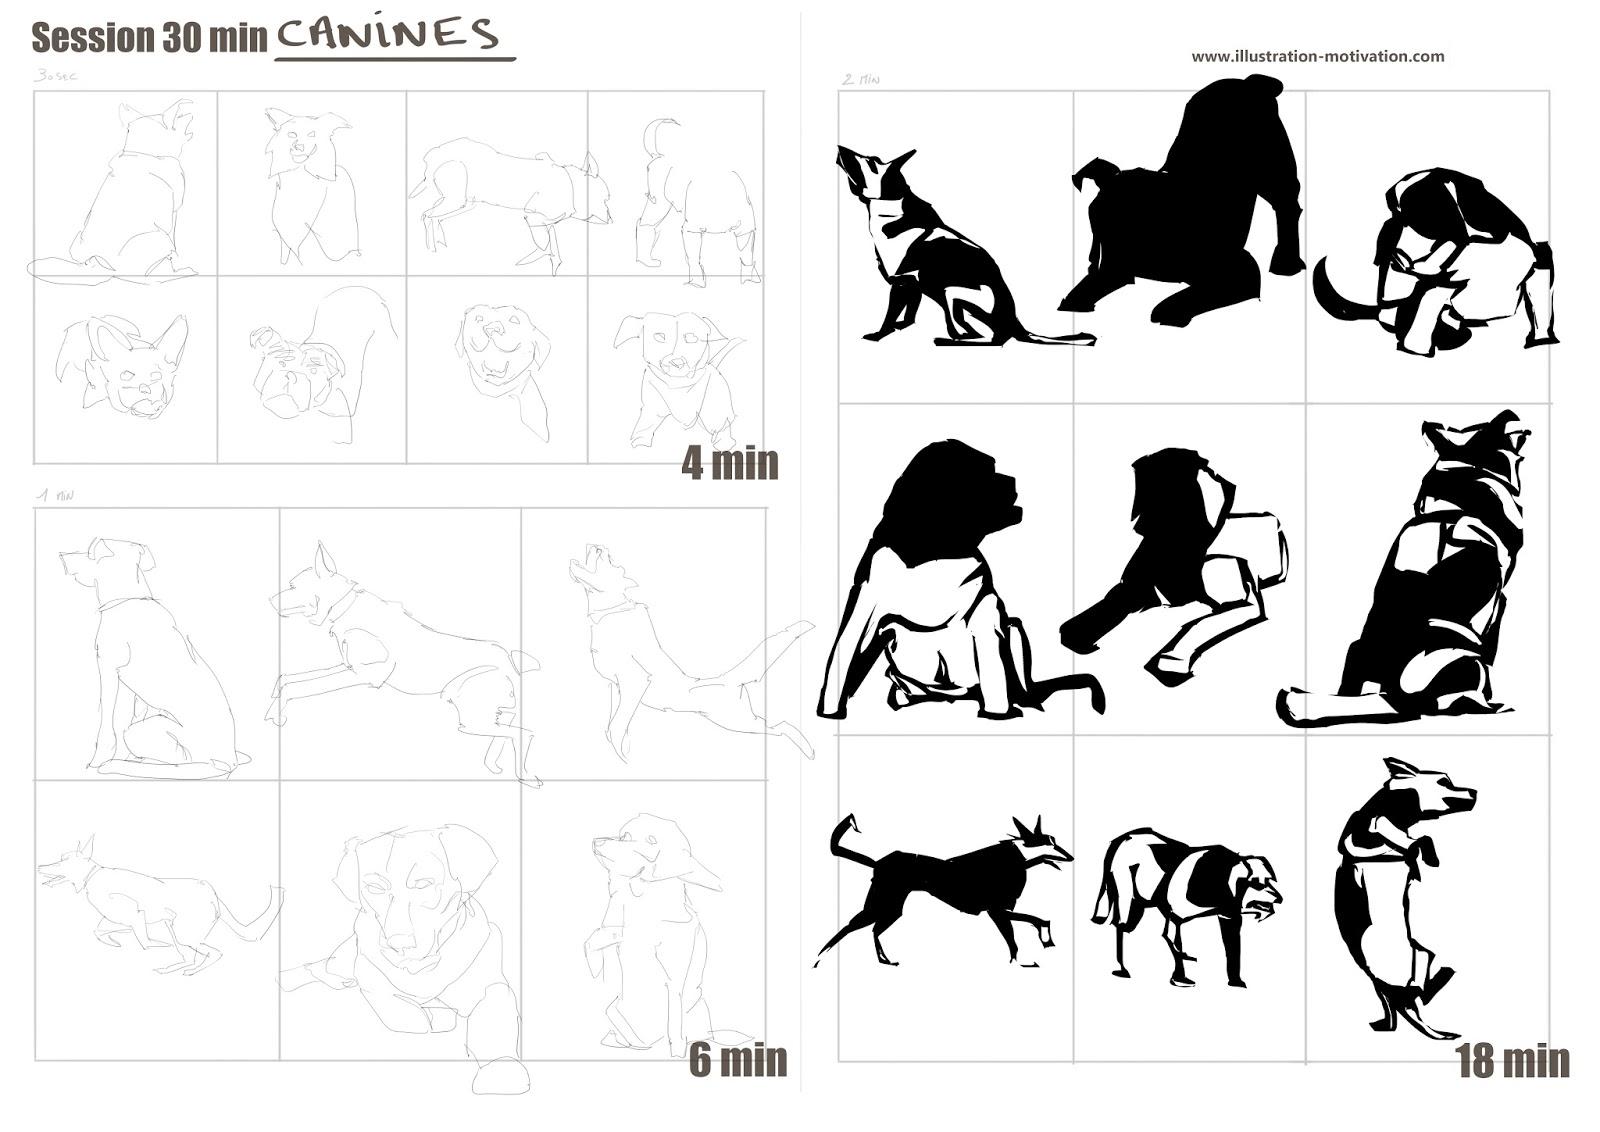 [SPOLYK] - Geometries & sketches 116